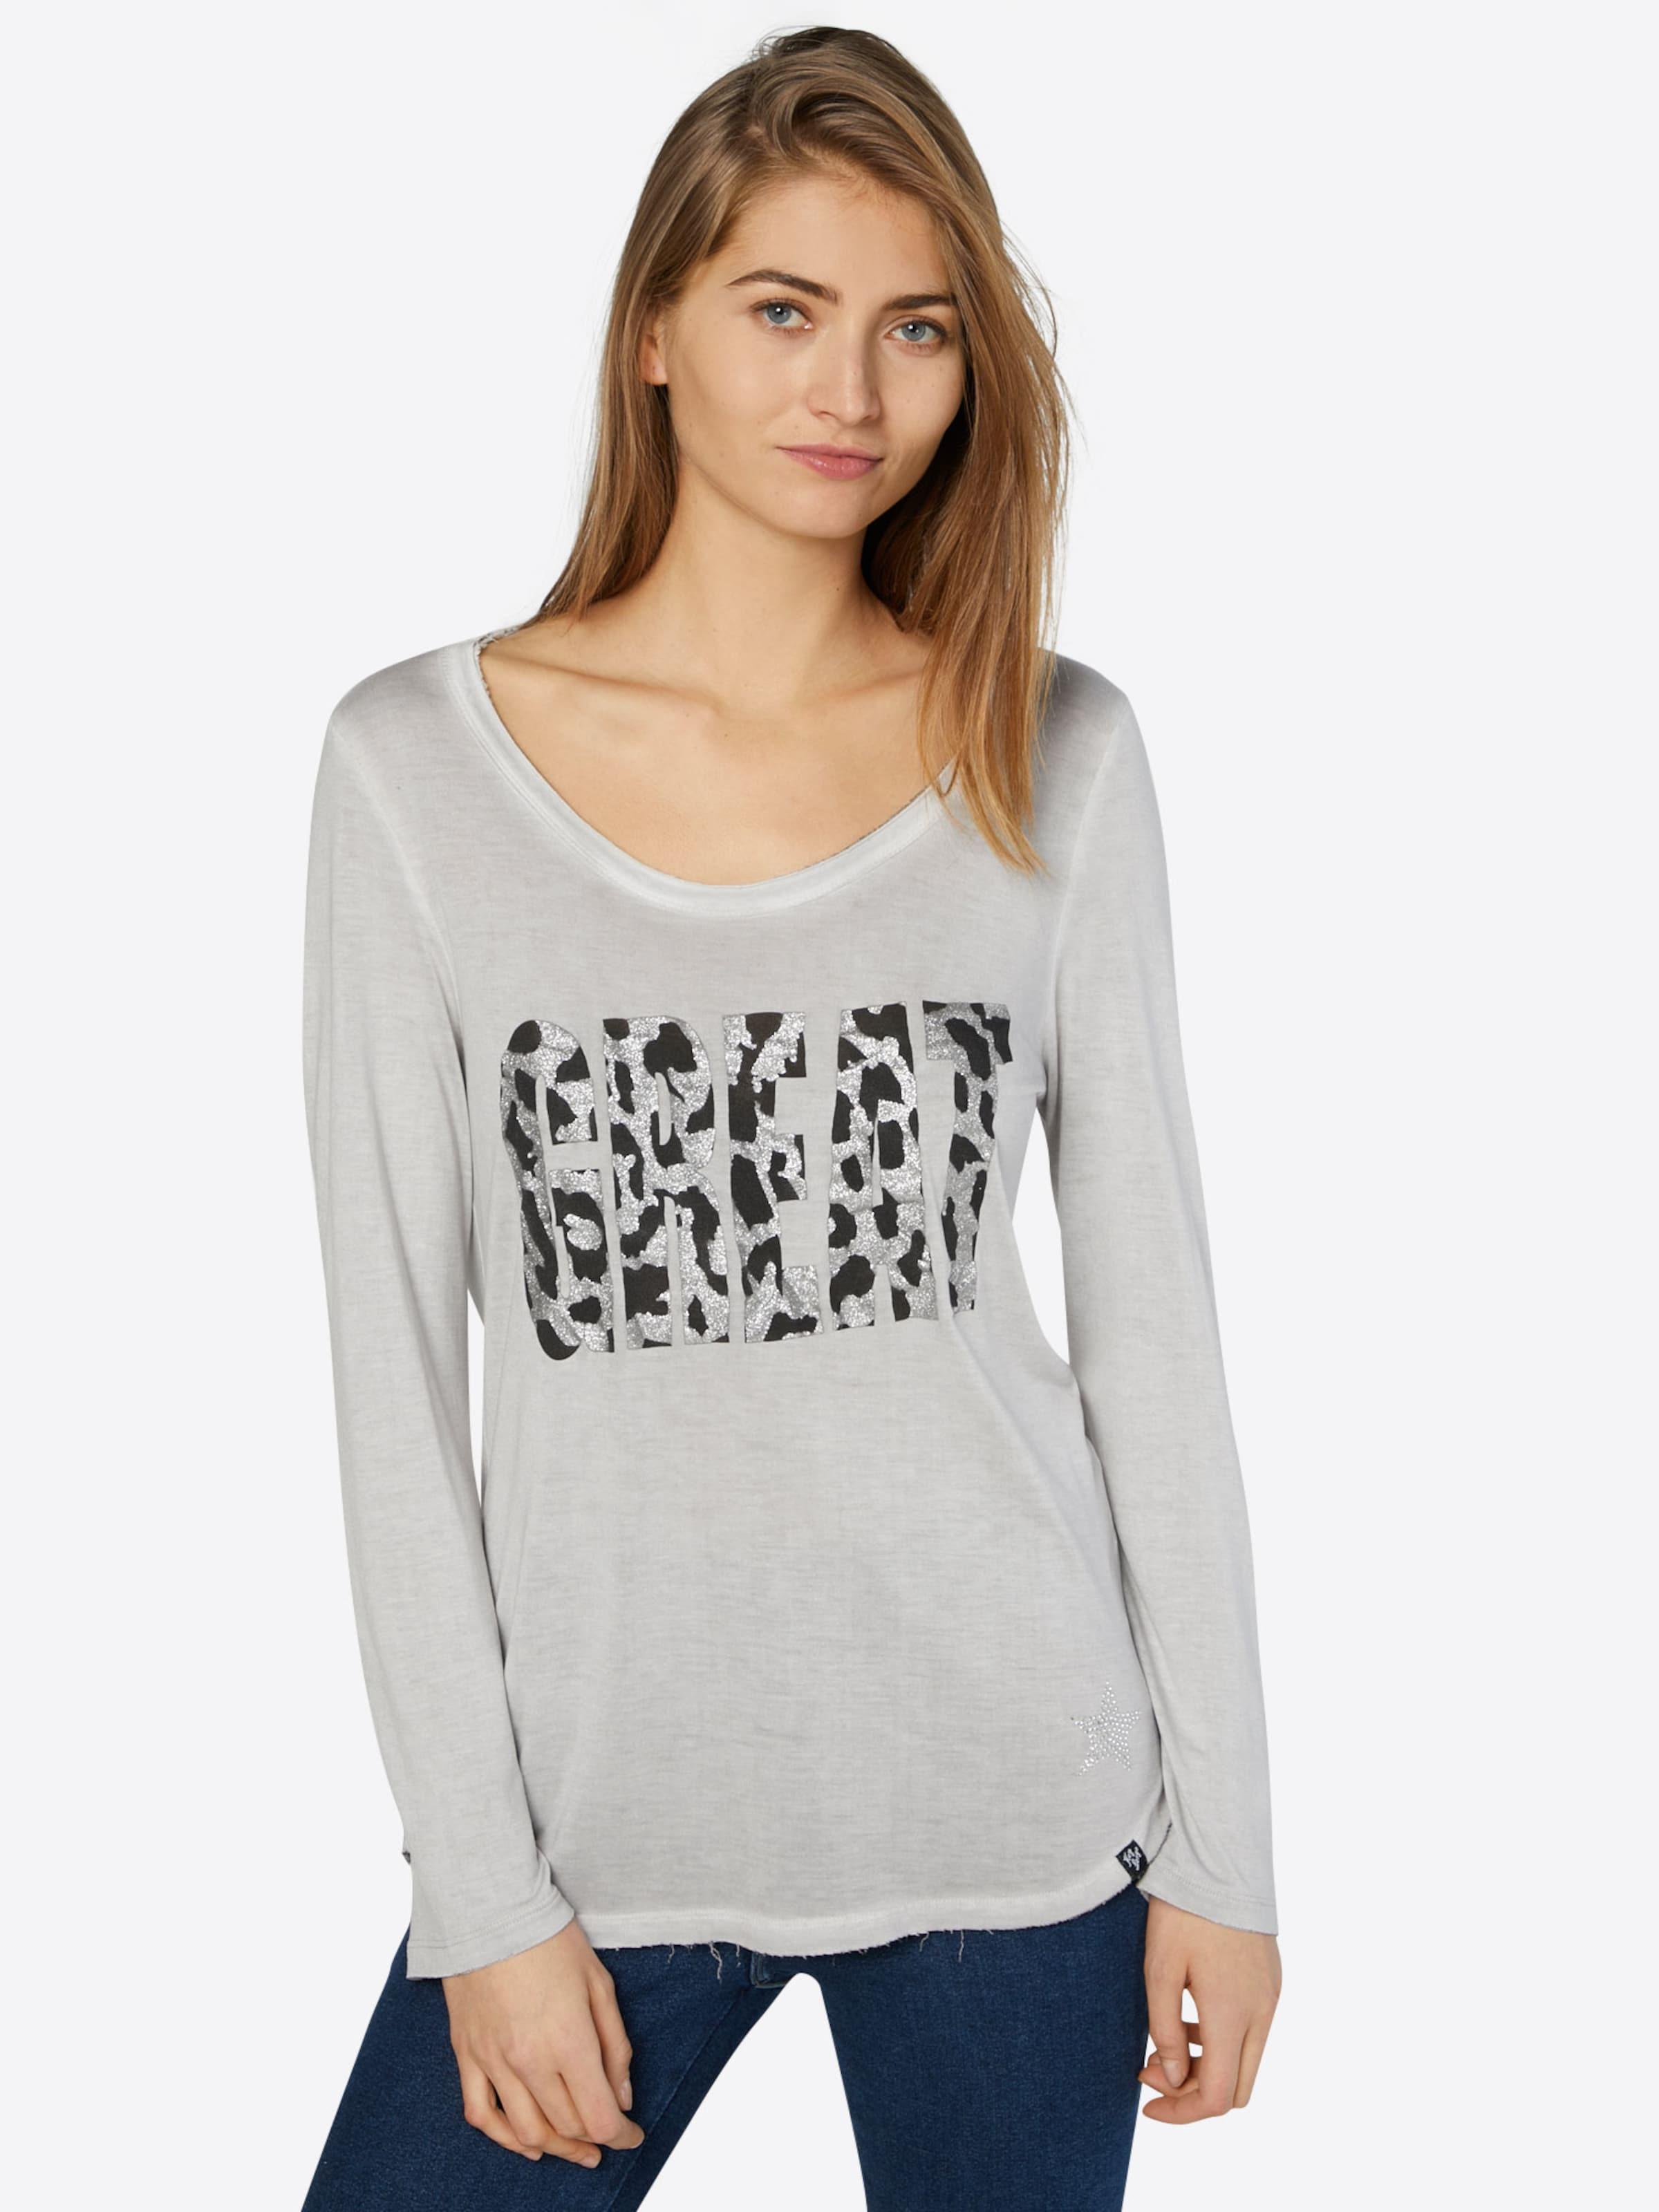 Key Urbanes Largo Key Key Largo Shirt Shirt Shirt Urbanes Urbanes Largo TdHqw4xRq